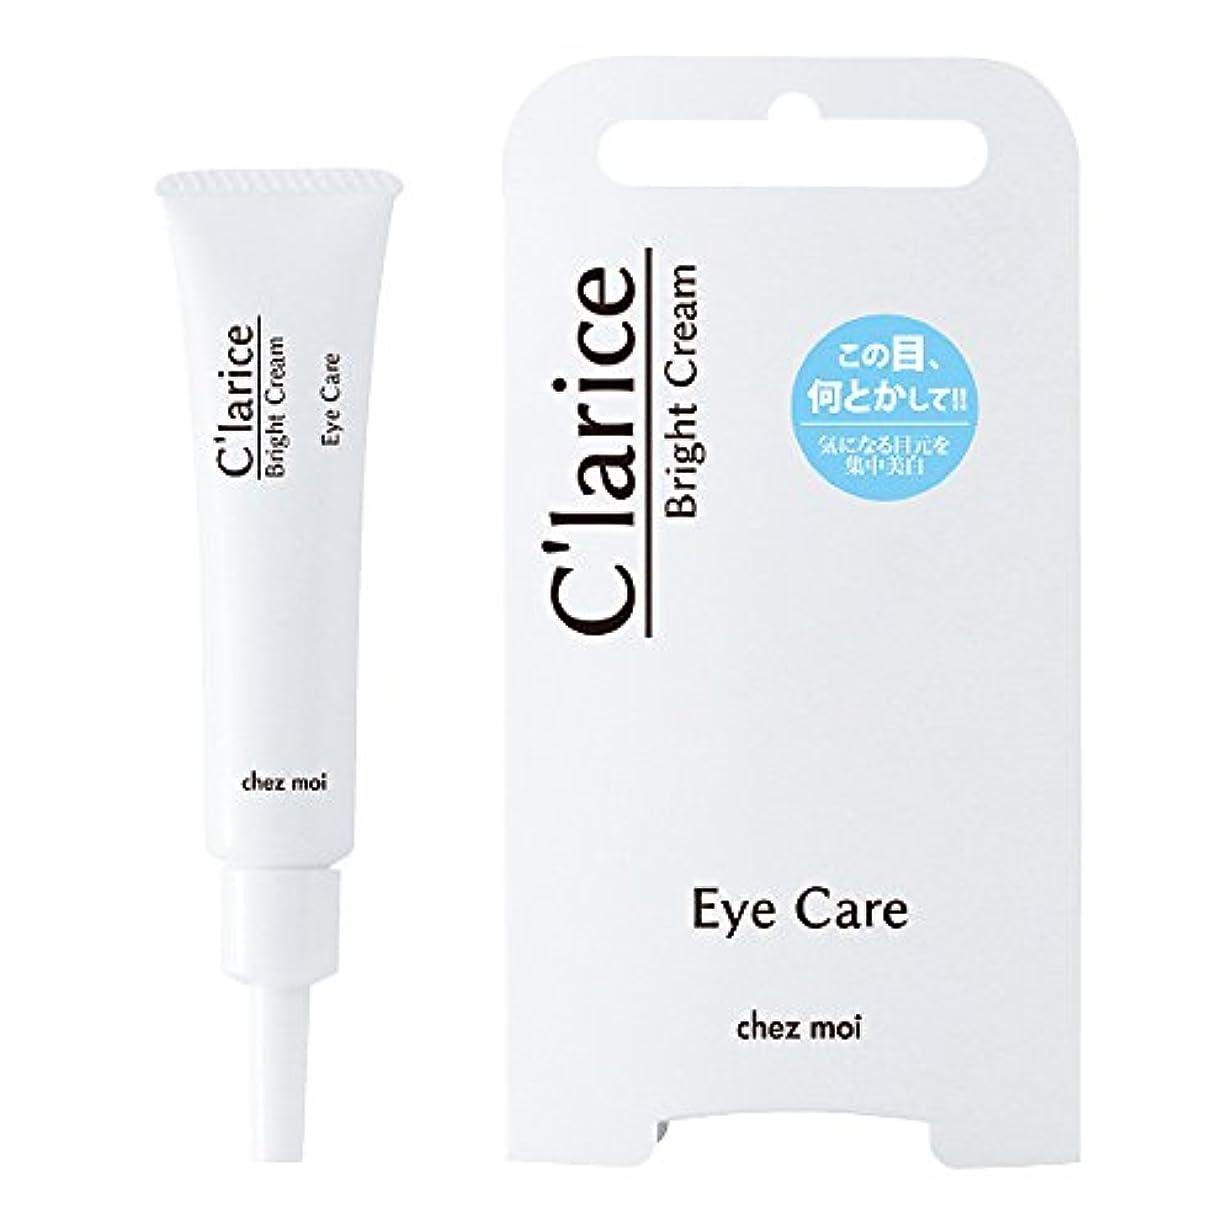 進化ペーストやろうシェモア C'larice(クラリス) Bright Cream【医薬部外品】 15g